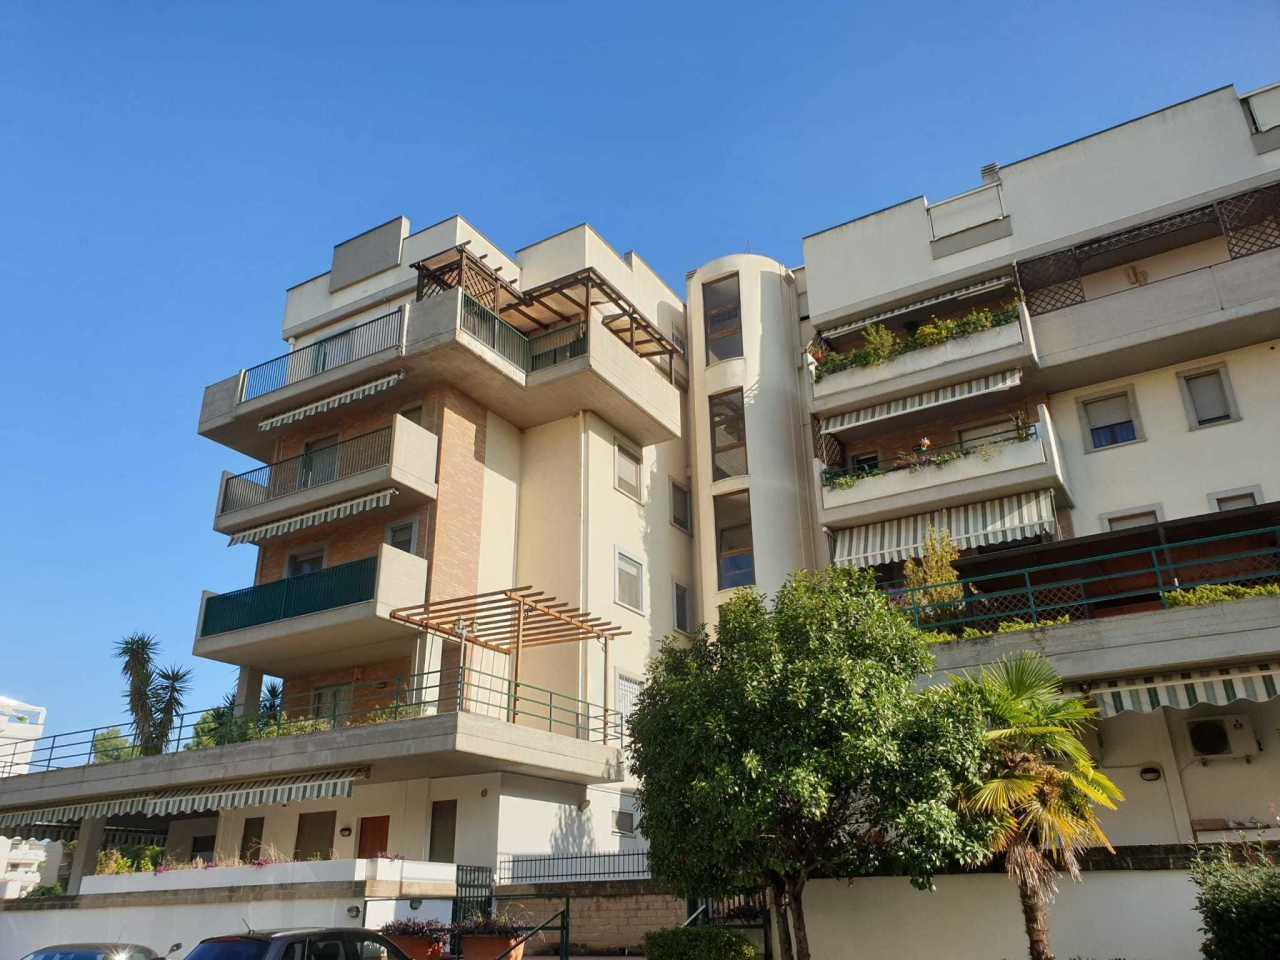 Appartamento in vendita a Chieti, 5 locali, prezzo € 145.000 | PortaleAgenzieImmobiliari.it